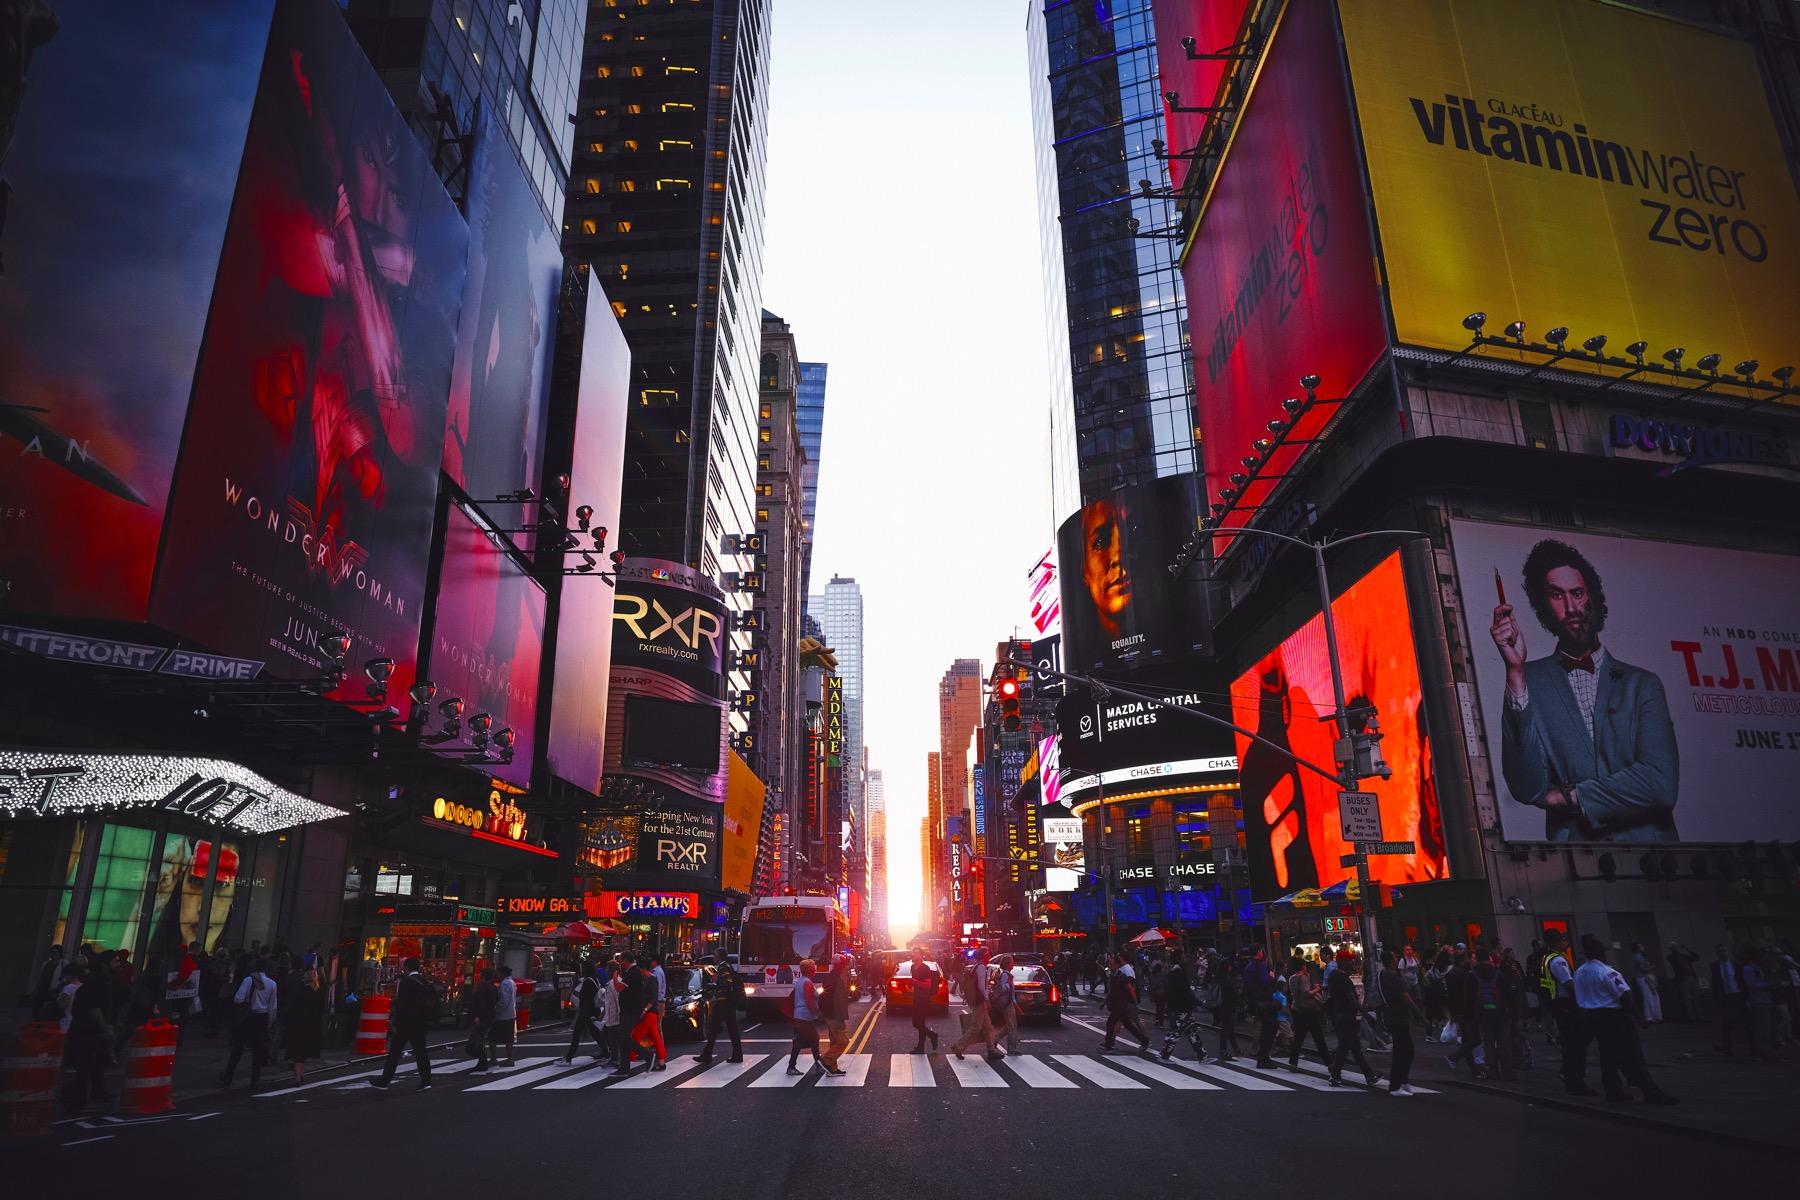 El éxito de las ciudades inteligentes no depende de la tecnología: depende de las personas